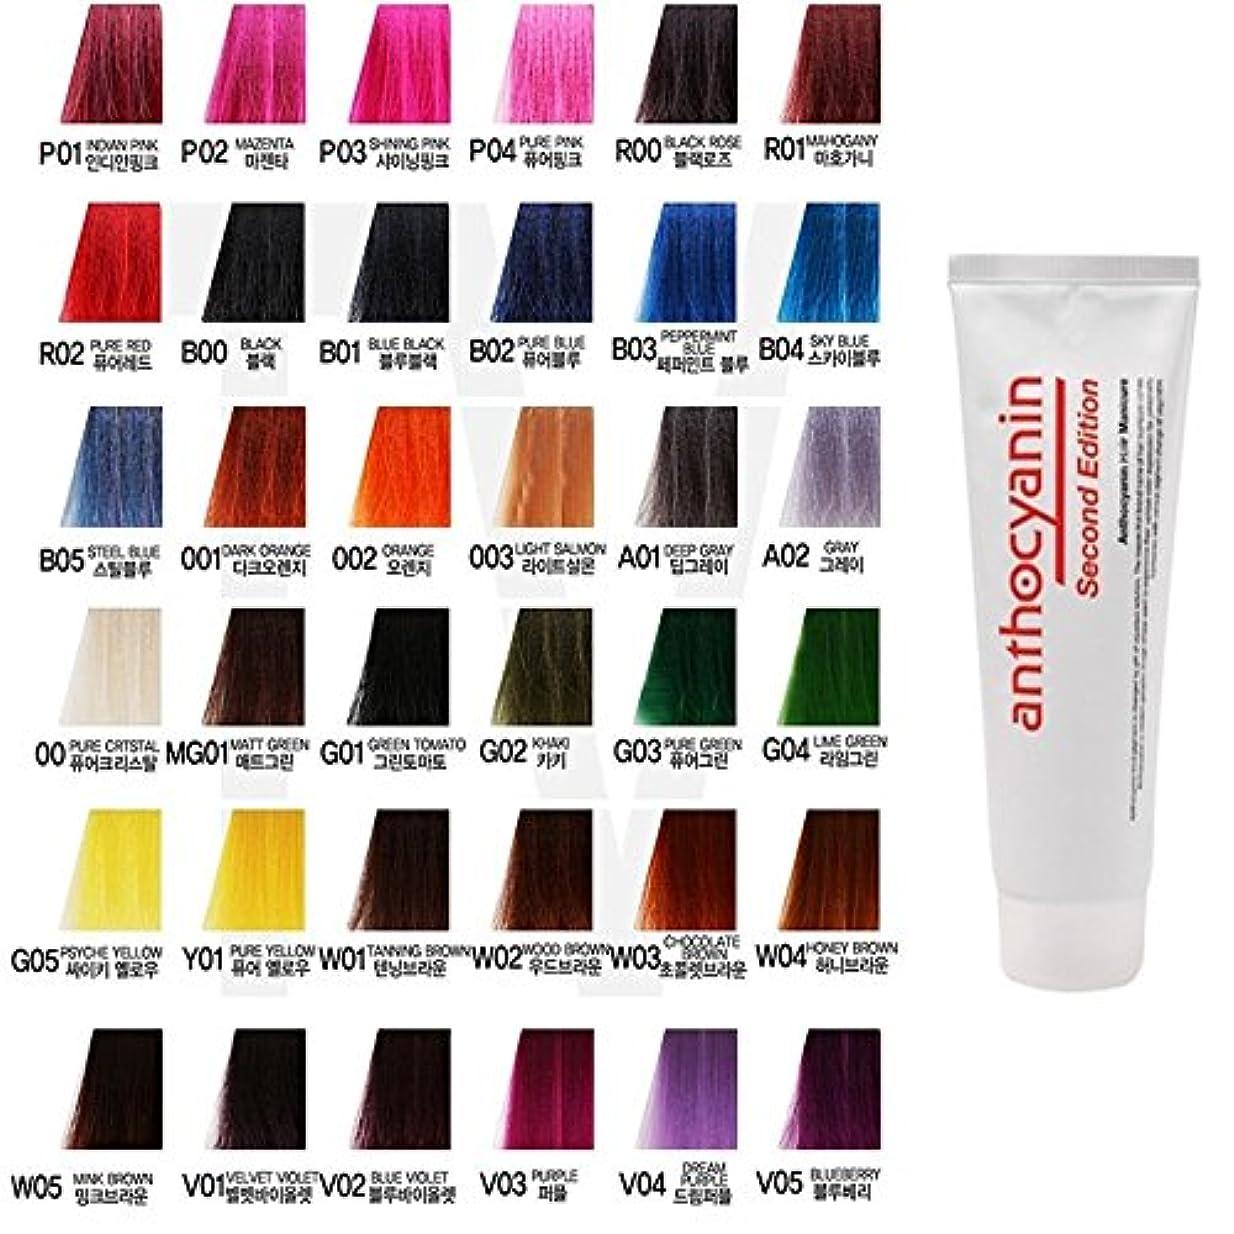 声を出して研究所アルコールヘア マニキュア カラー セカンド エディション 230g セミ パーマネント 染毛剤 ( Hair Manicure Color Second Edition 230g Semi Permanent Hair Dye) [並行輸入品] (004 Pure Crystal)